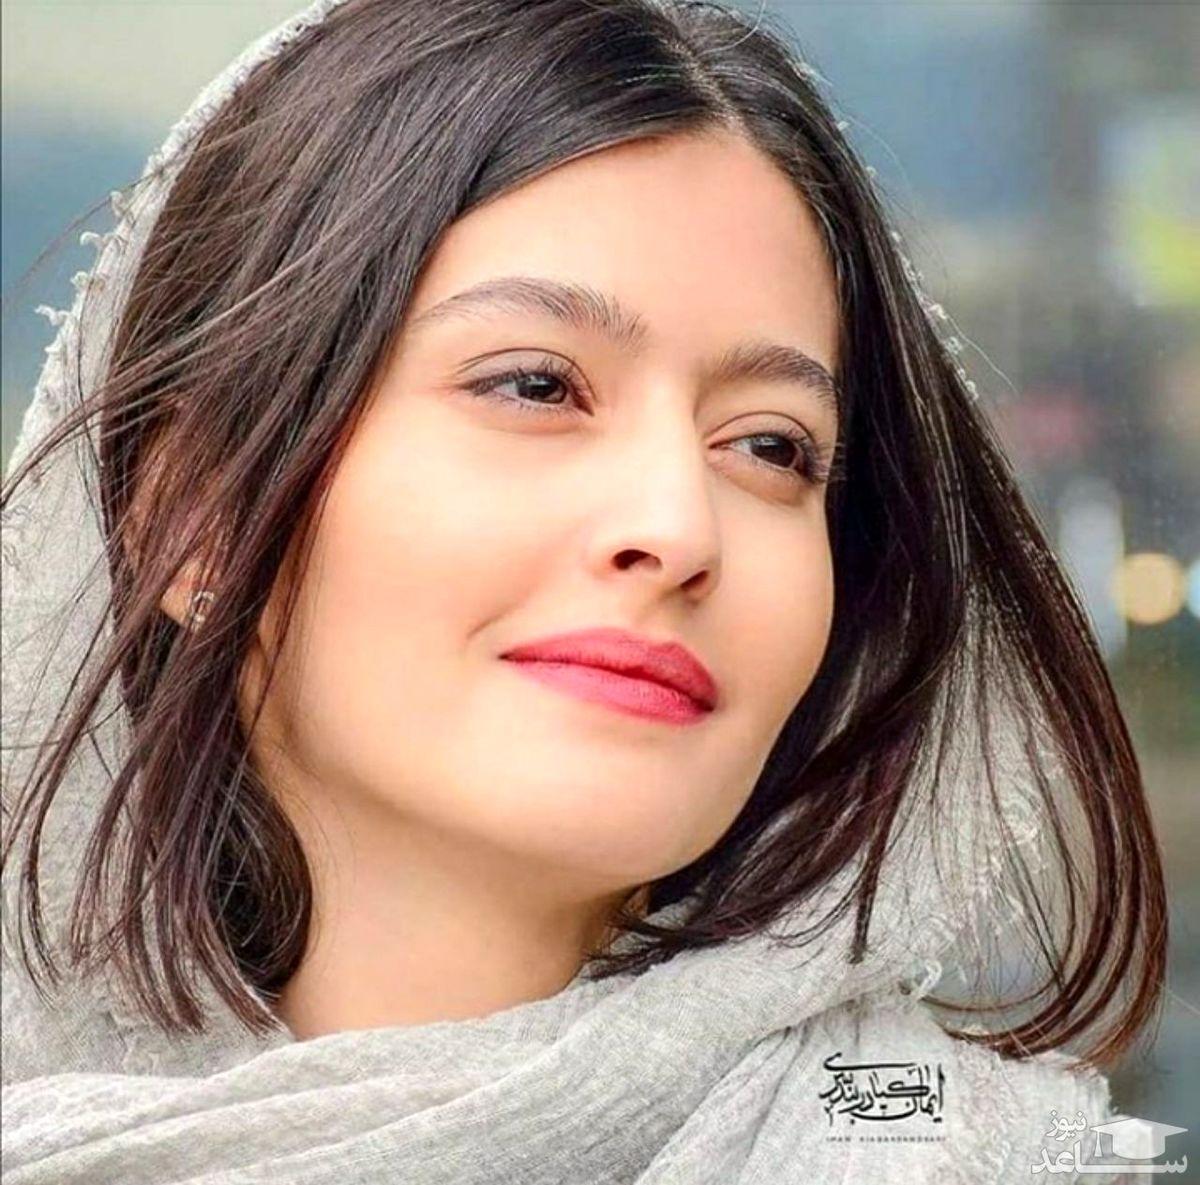 پست نامتعارف خانم بازیگر جنجالی شد / بازیگر جوان در فکر مهاجرت ! + عکس